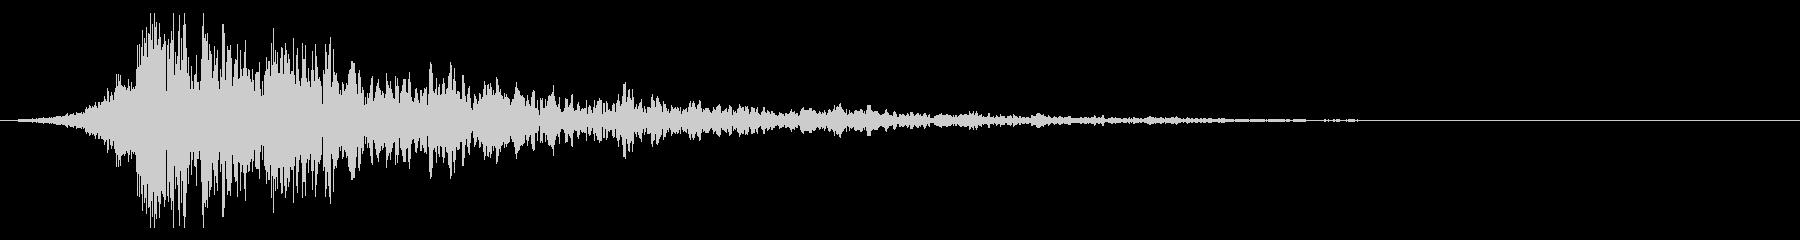 シュードーン-62-2(インパクト音)の未再生の波形